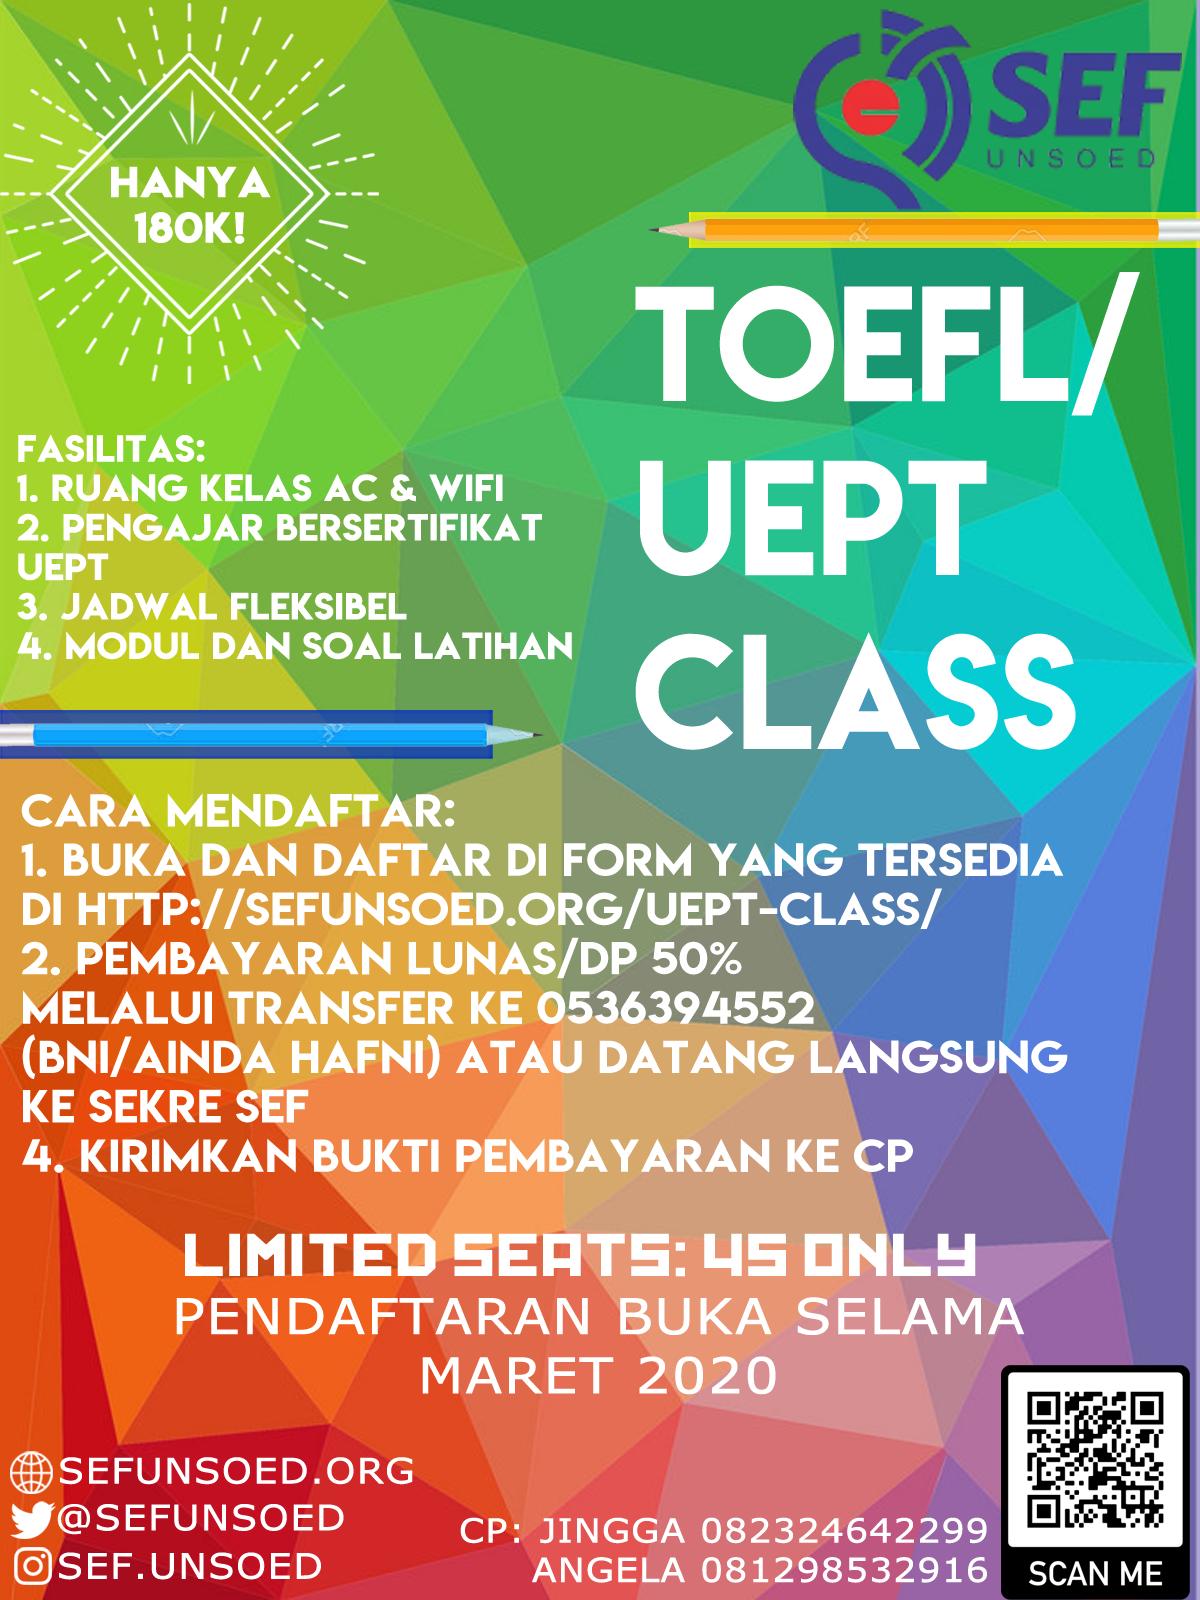 TOEFL / UEPT Class